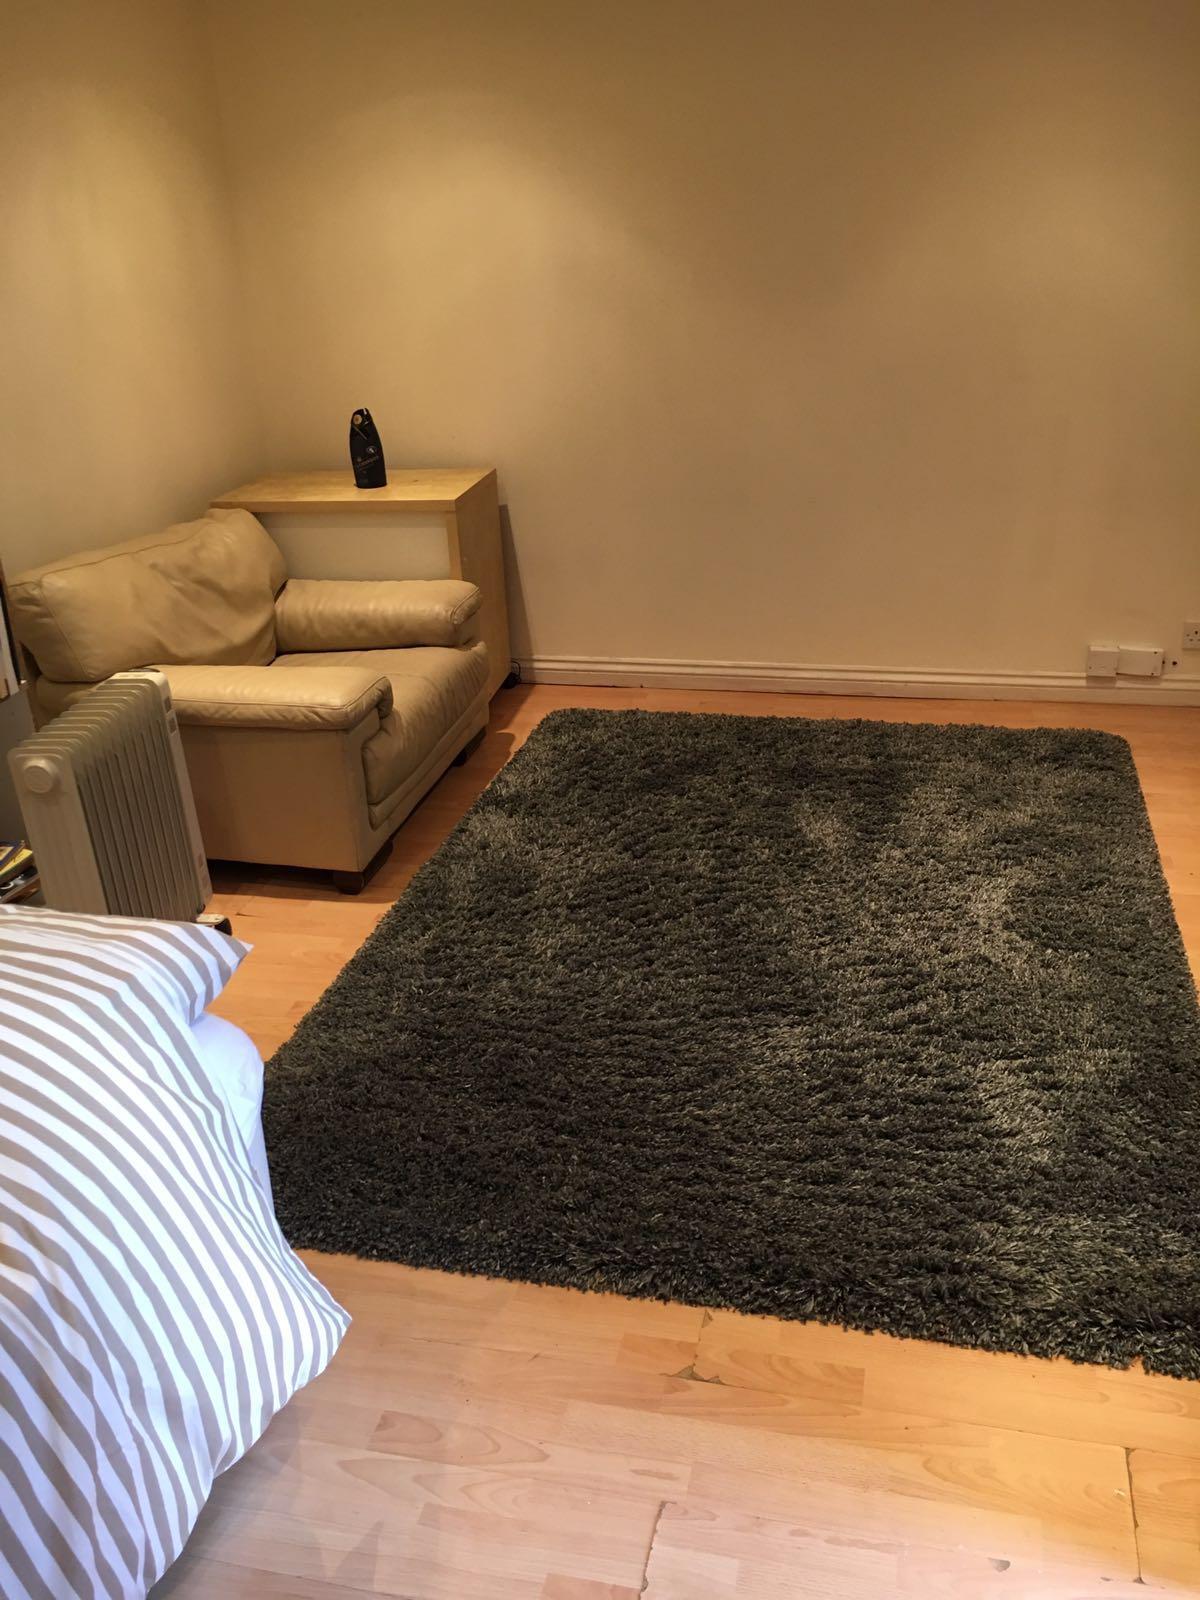 swanley-studio-bed-space